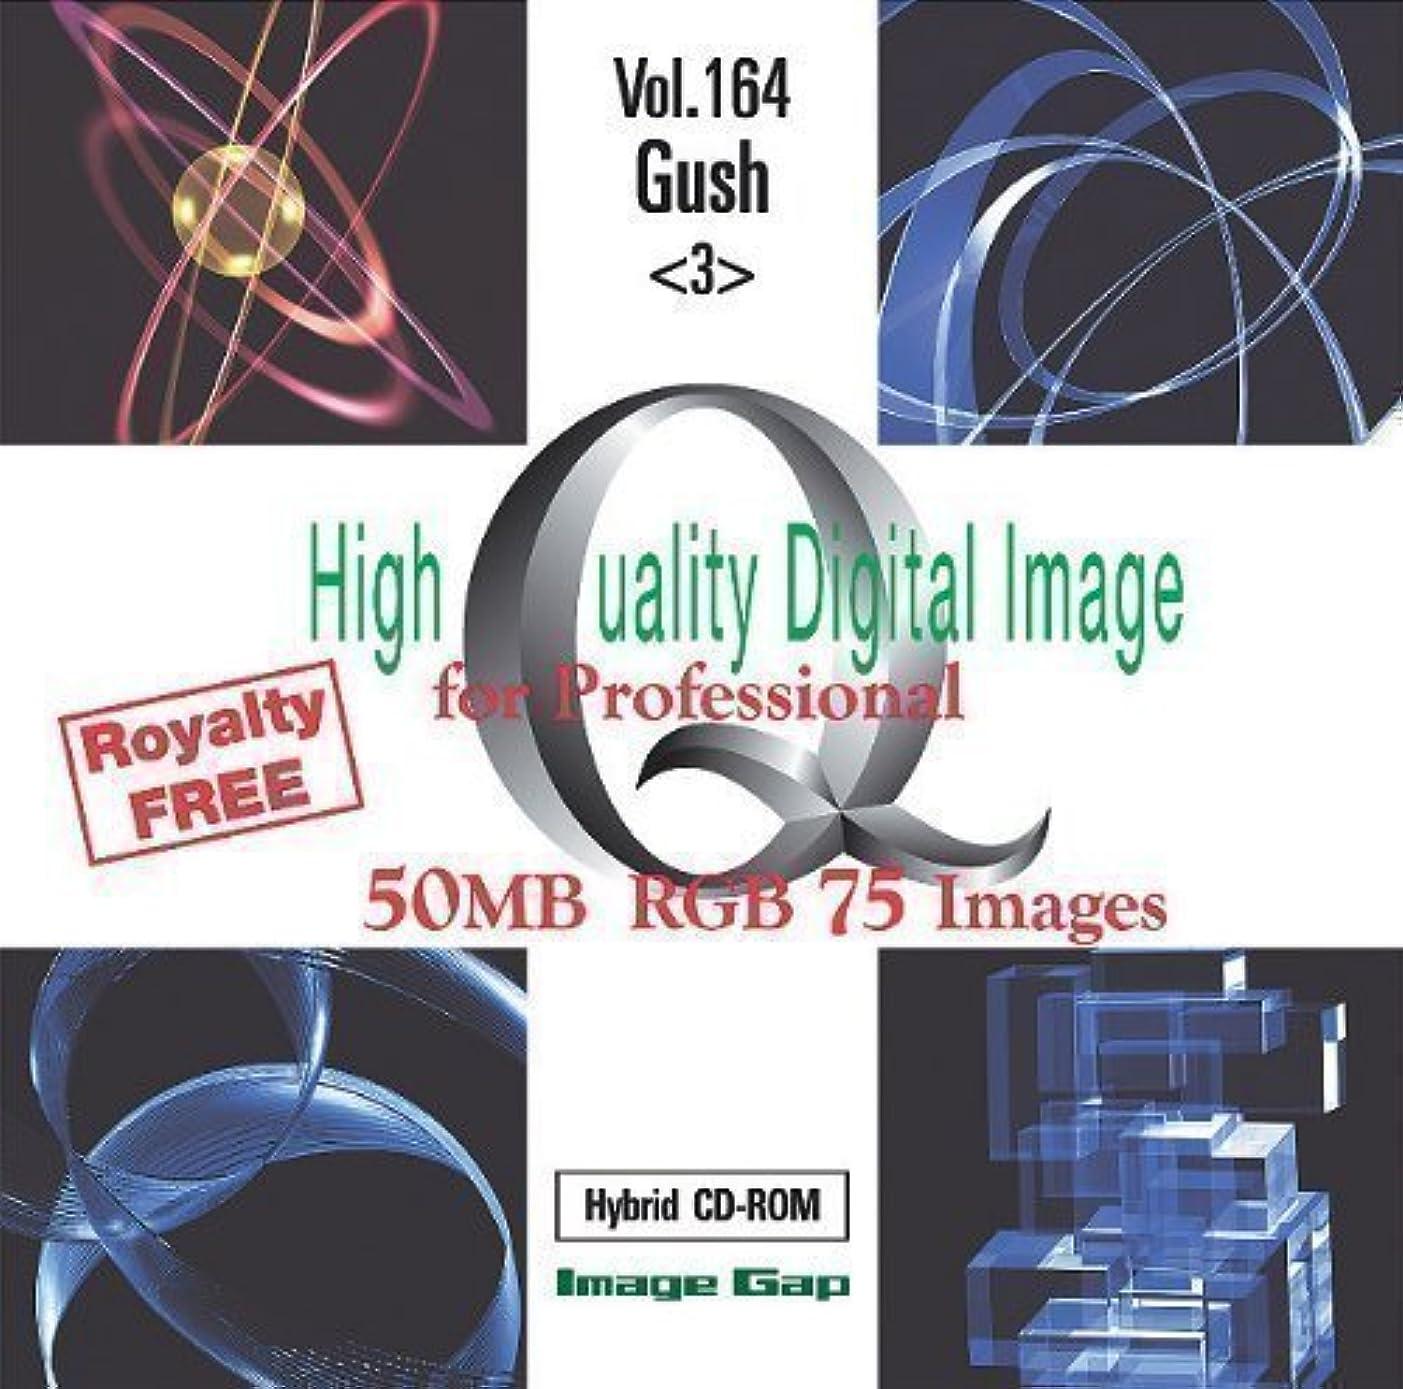 ハブブ超高層ビル窓High Quality Digital Image Gush <3>